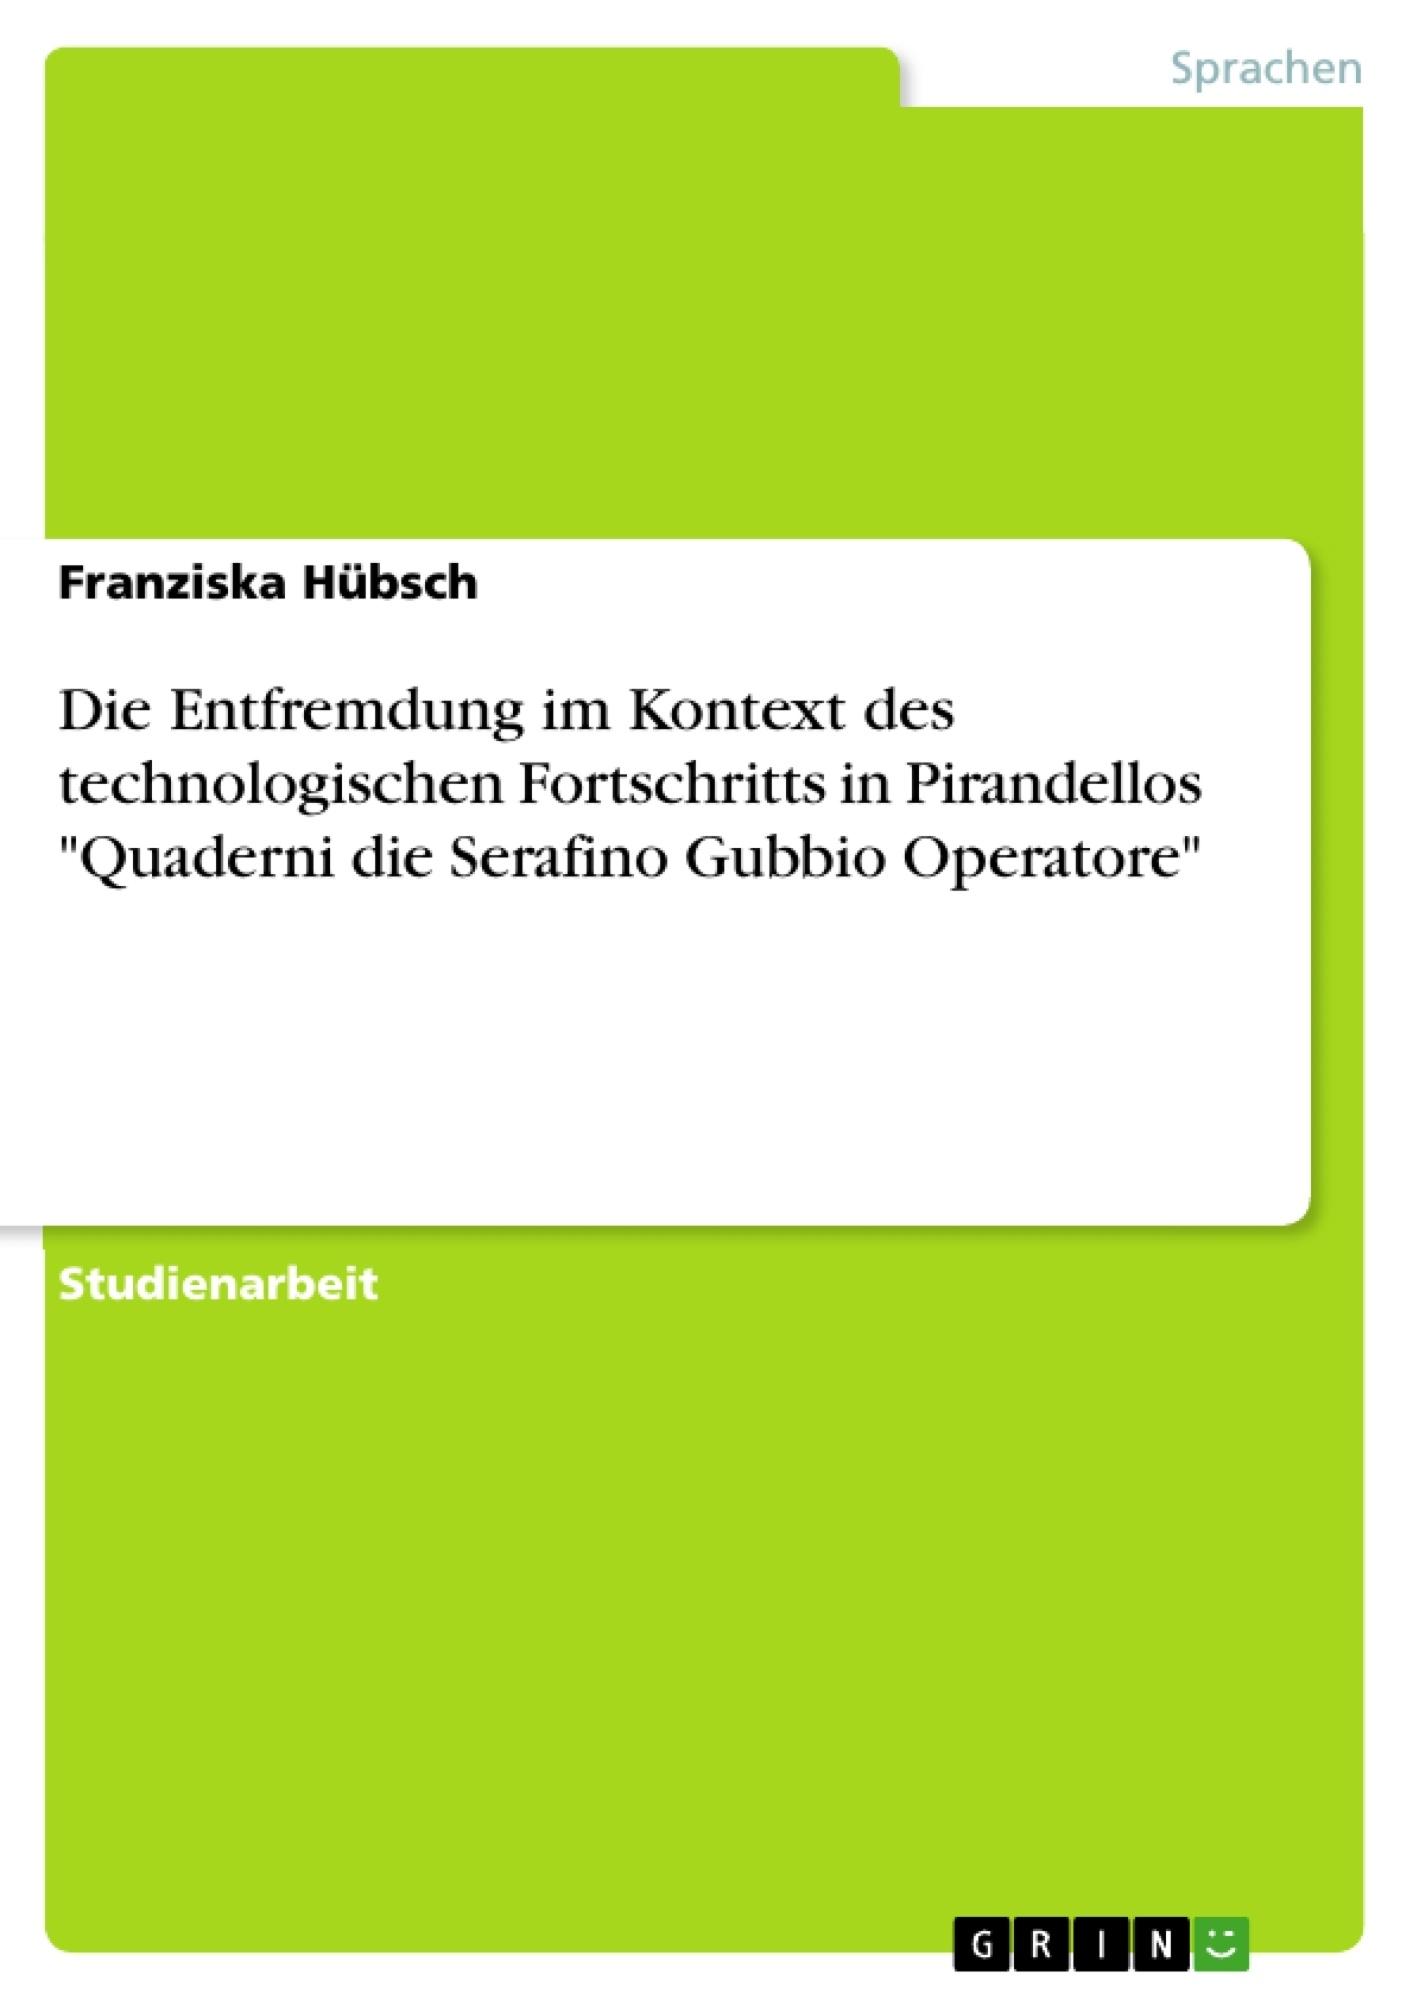 """Titel: Die Entfremdung im Kontext des technologischen Fortschritts in Pirandellos """"Quaderni die Serafino Gubbio Operatore"""""""